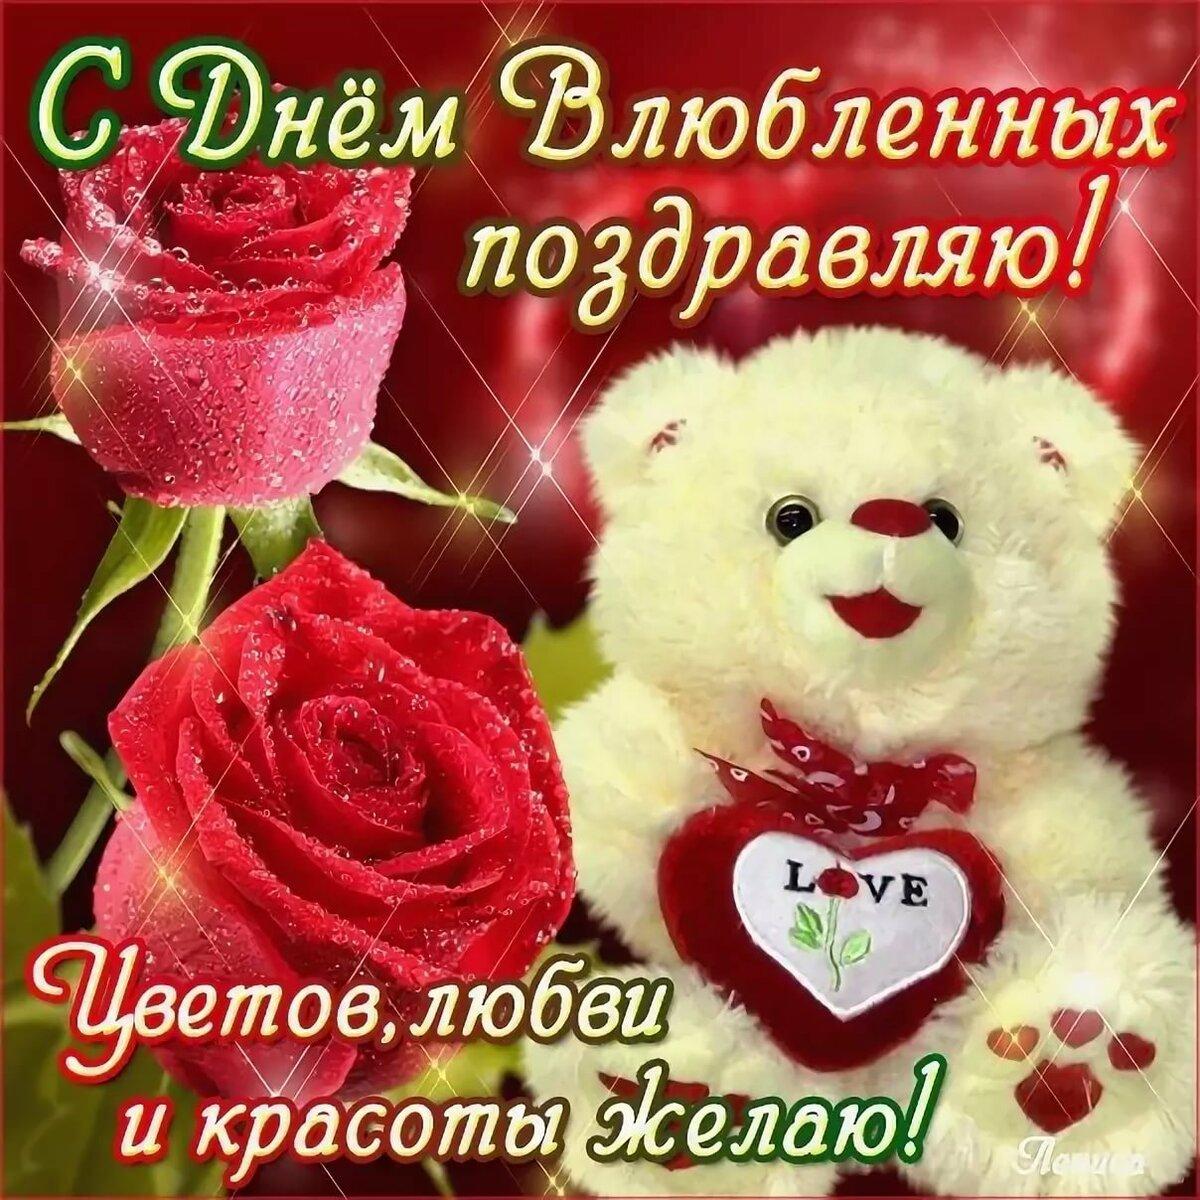 Поздравление на день всех влюбленных друзей